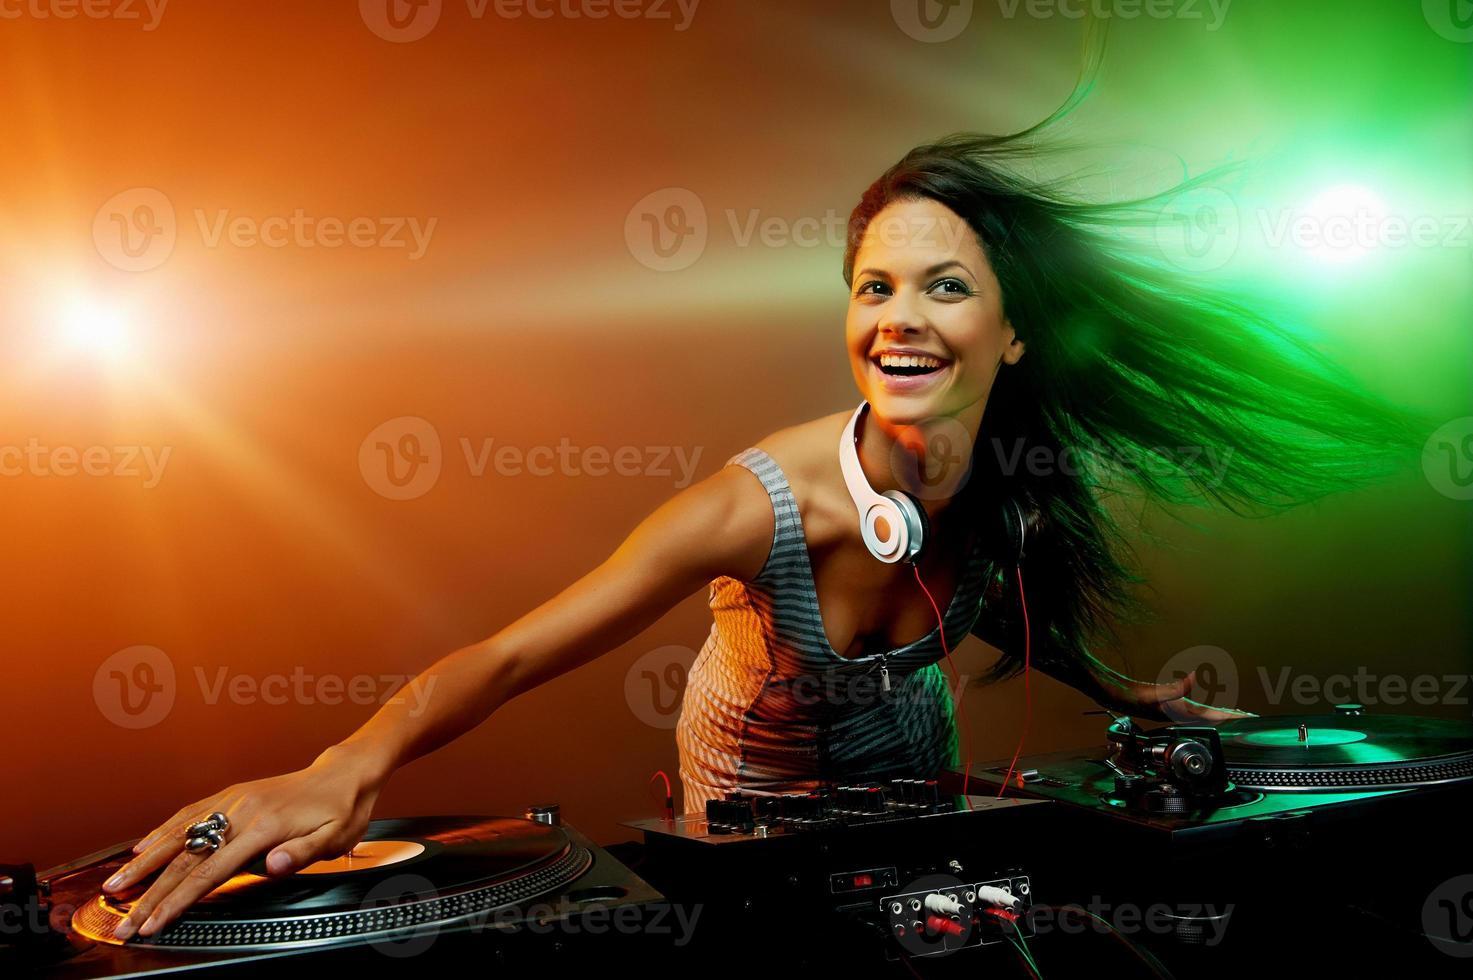 festa in discoteca dj foto